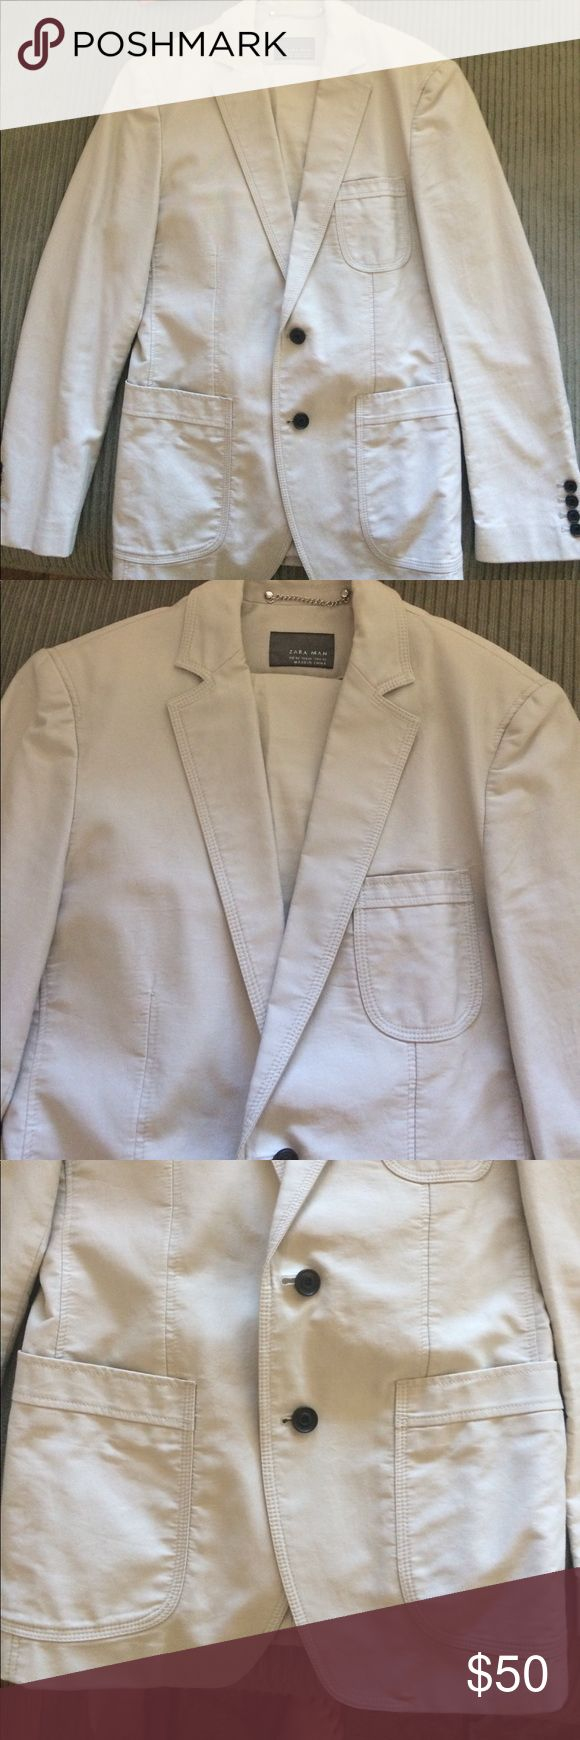 Zara suit Light khaki colored suit. Front pockets. Perfect condition. Pants 30/31. Jacket 36 Zara Suits & Blazers Suits